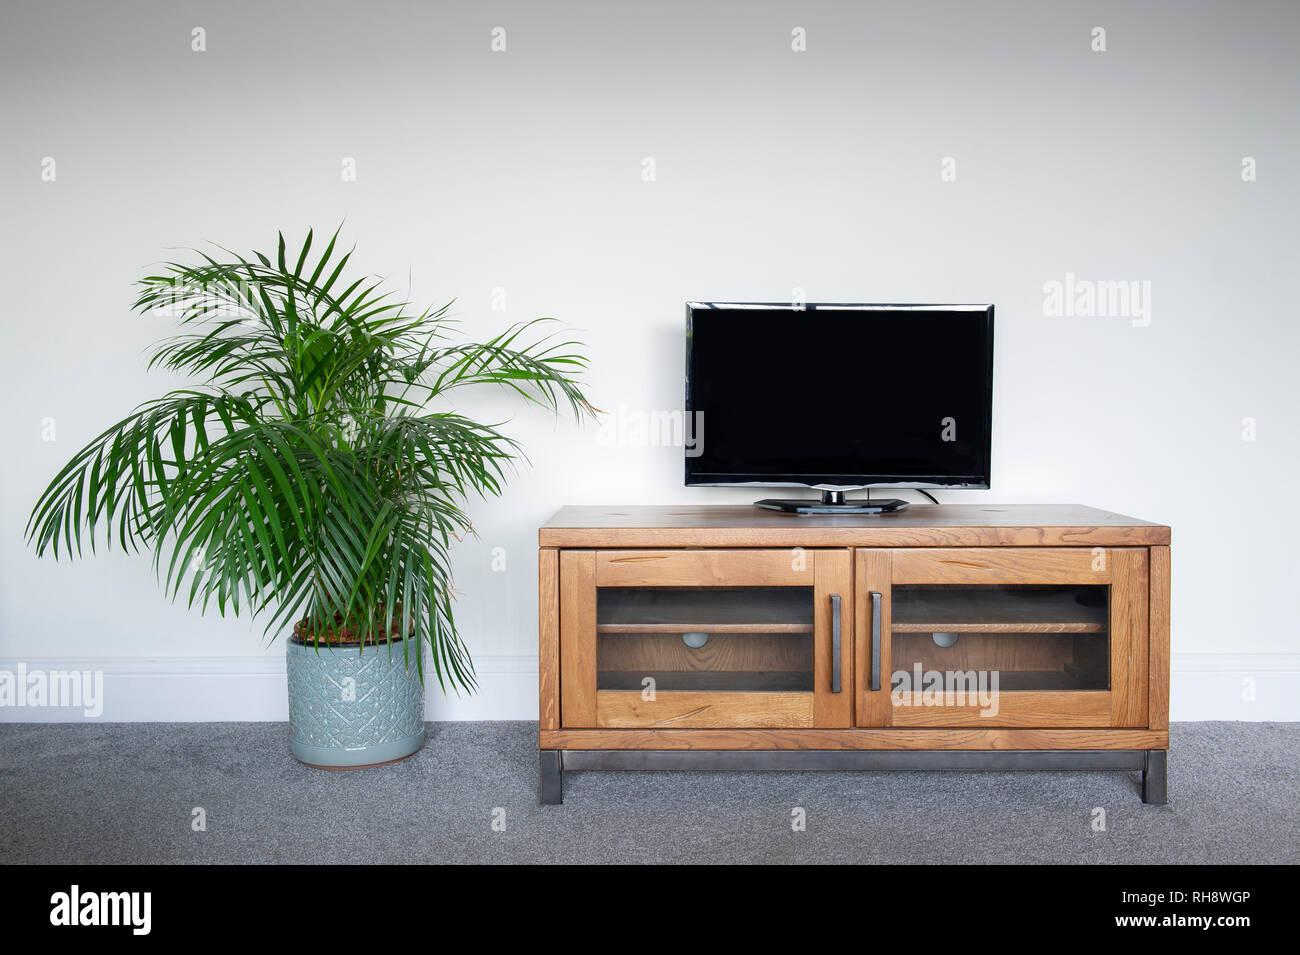 Eine industrielle Holz und Metall TV-Gerät im Wohnzimmer ...